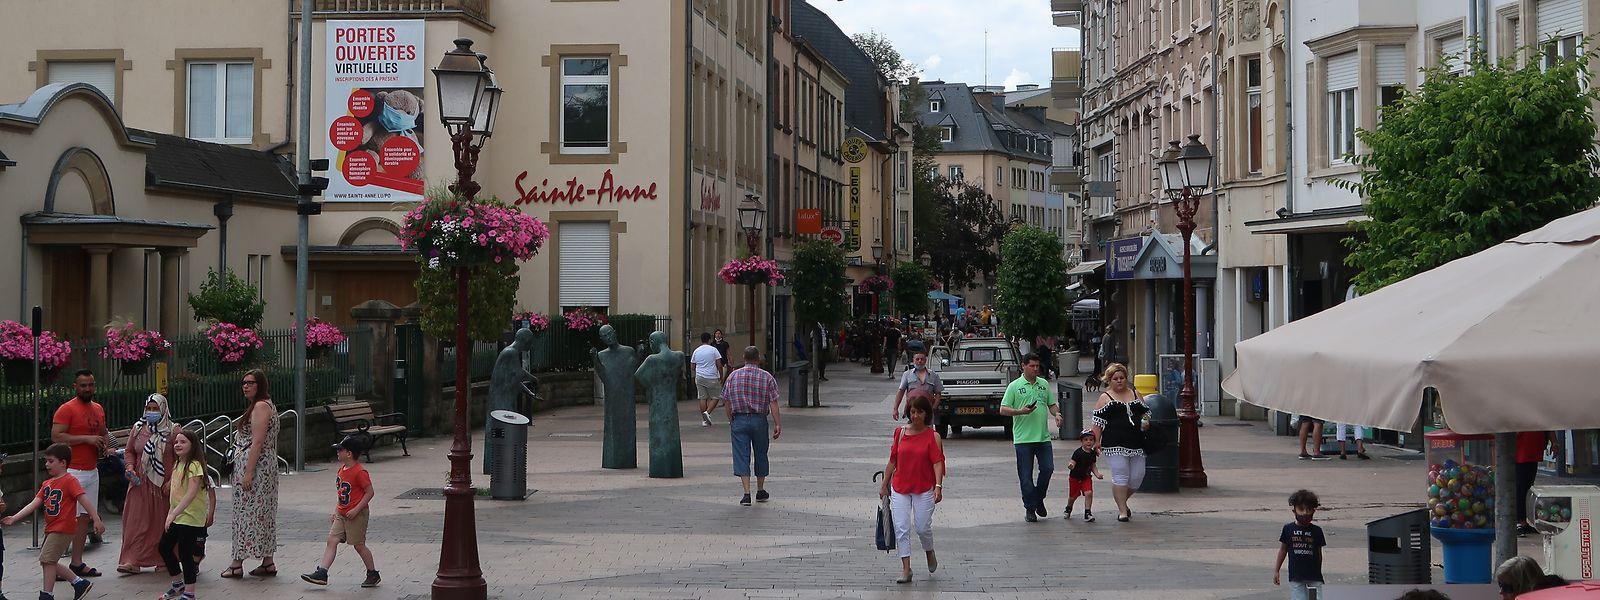 """In der Ettelbrücker Fußgängerzone verhallt der Aufruf """"Kaaft lokal"""" nicht ungehört. Man hofft denn auch, dass diese positive Entwicklung nachhaltig ist."""